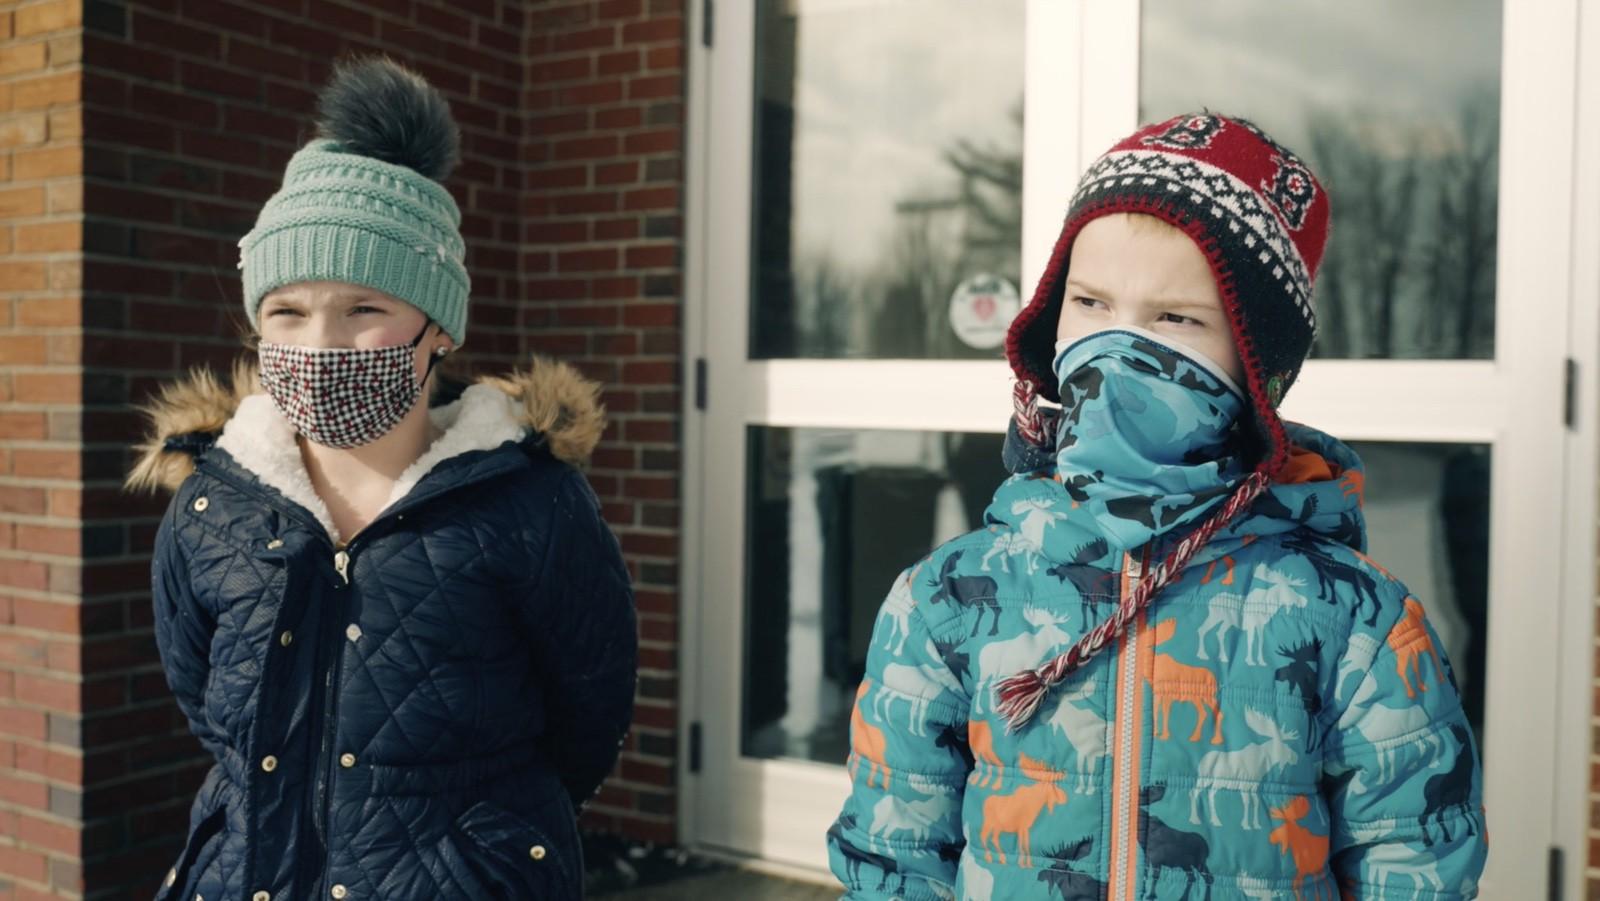 WinterKids Winter Games 2021 Video Screenshots6